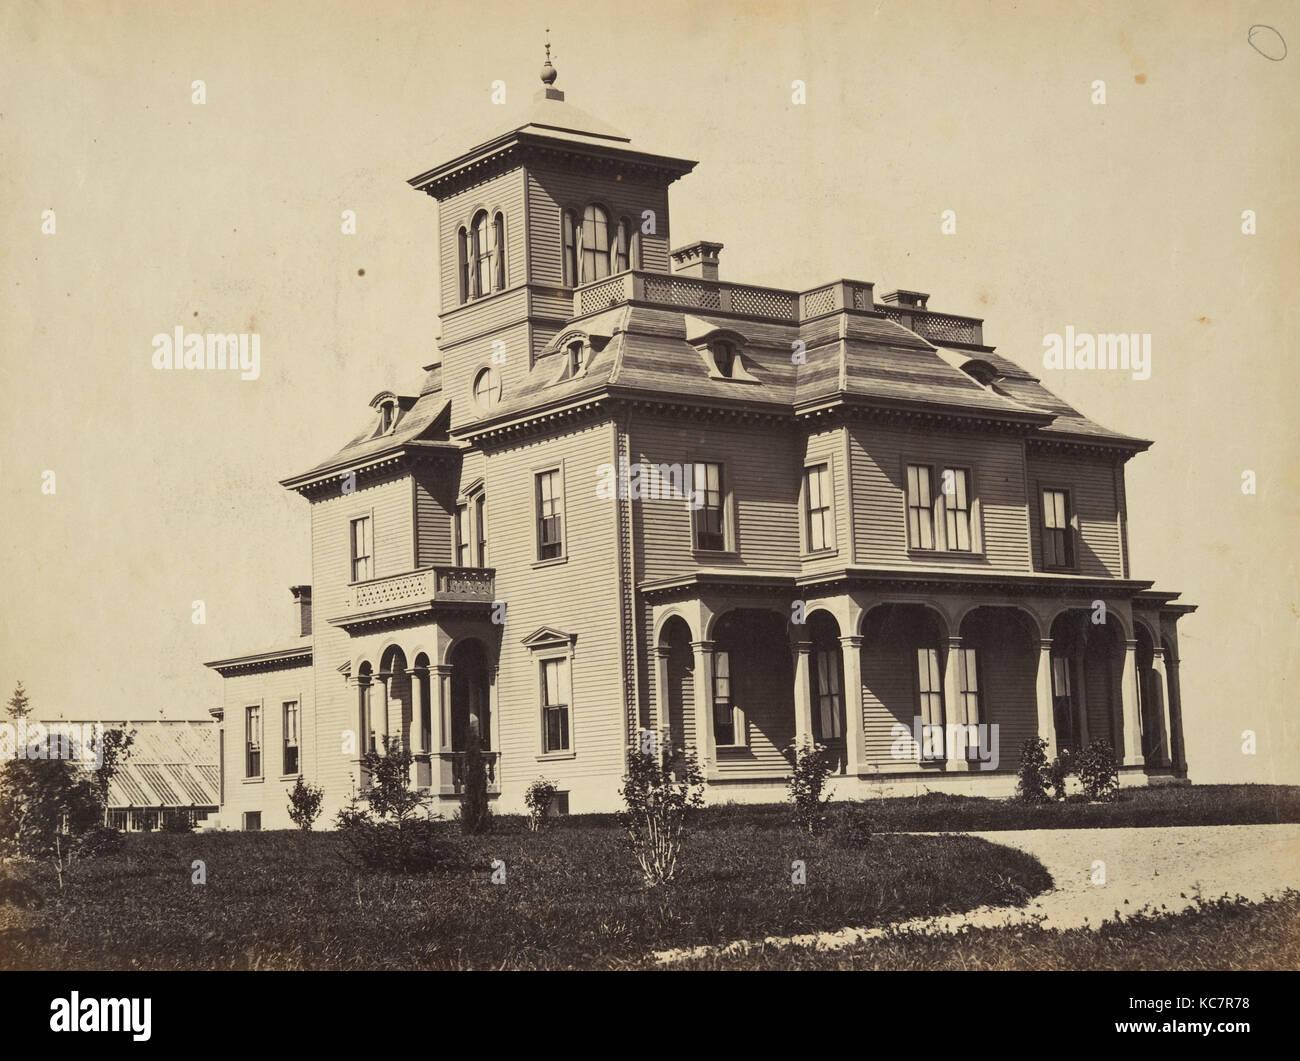 Viktorianisches Haus Ca 1860 Eiweiss Silber Drucken Aus Glas